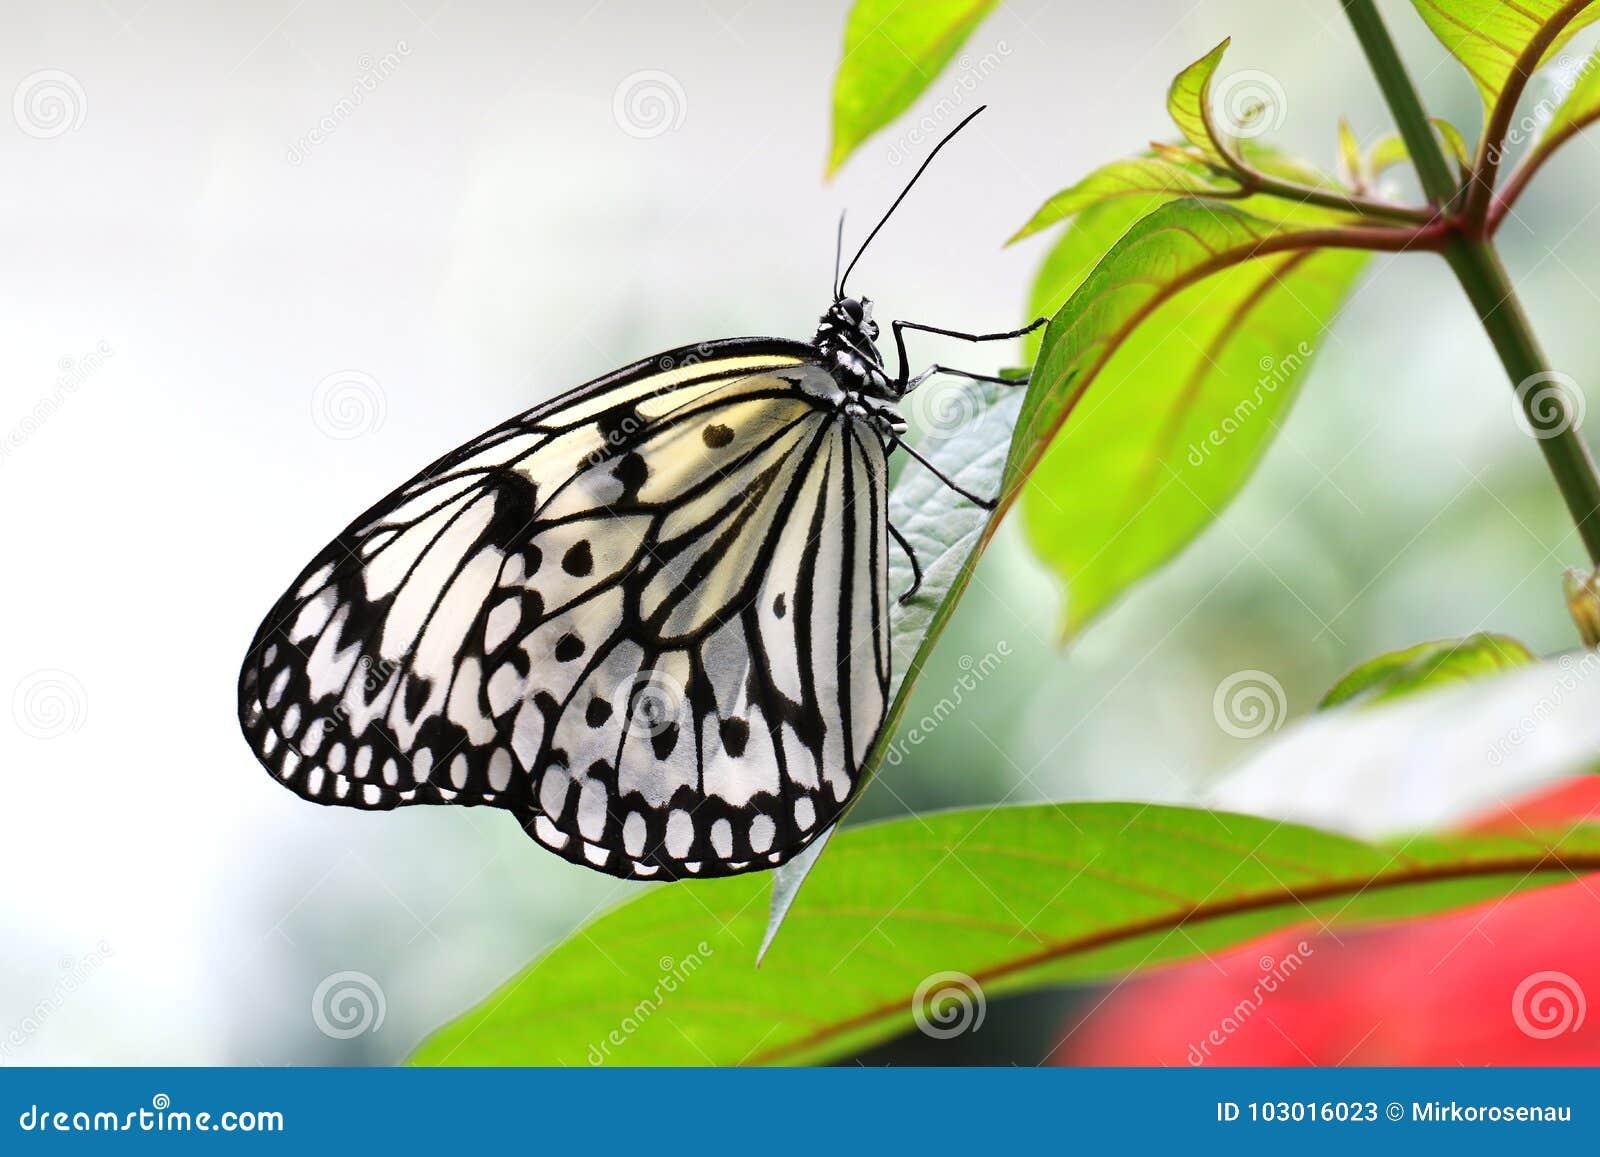 Encantador Hojas De Trabajo De Mariposa Para Segundo Grado Ornamento ...